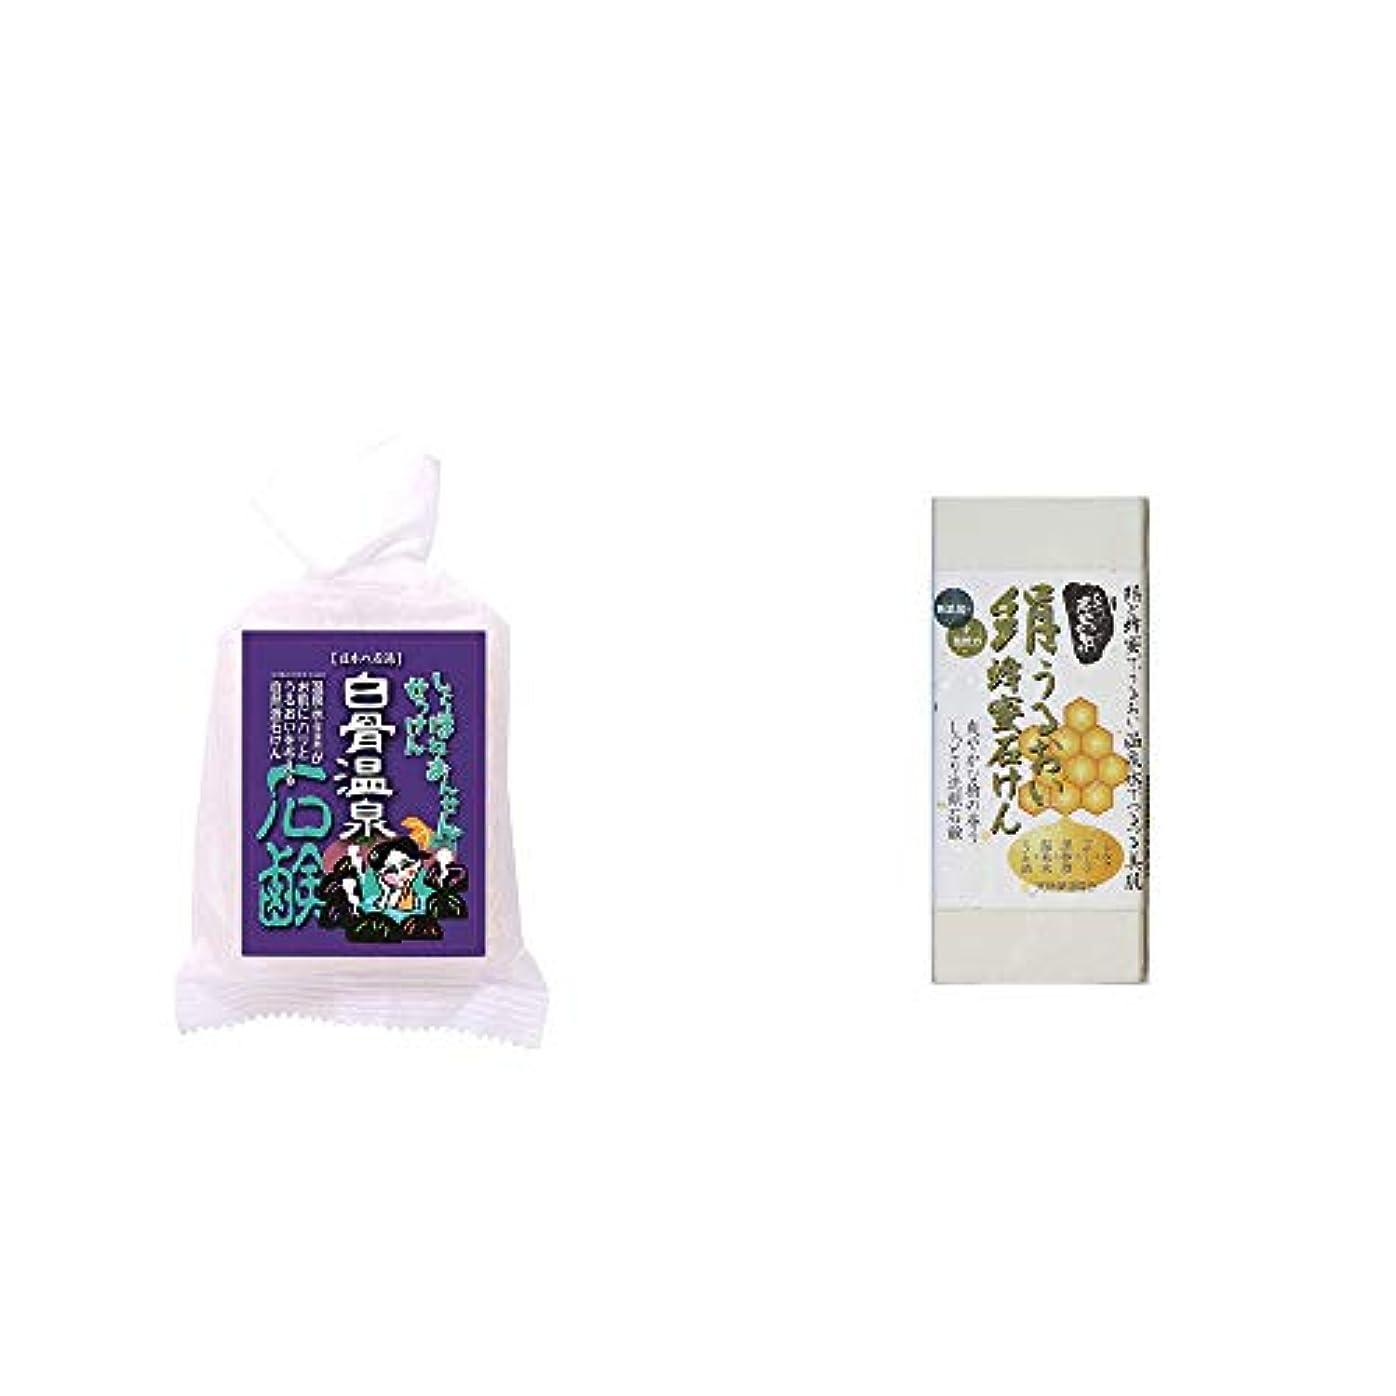 すぐに胆嚢資本[2点セット] 信州 白骨温泉石鹸(80g)?ひのき炭黒泉 絹うるおい蜂蜜石けん(75g×2)